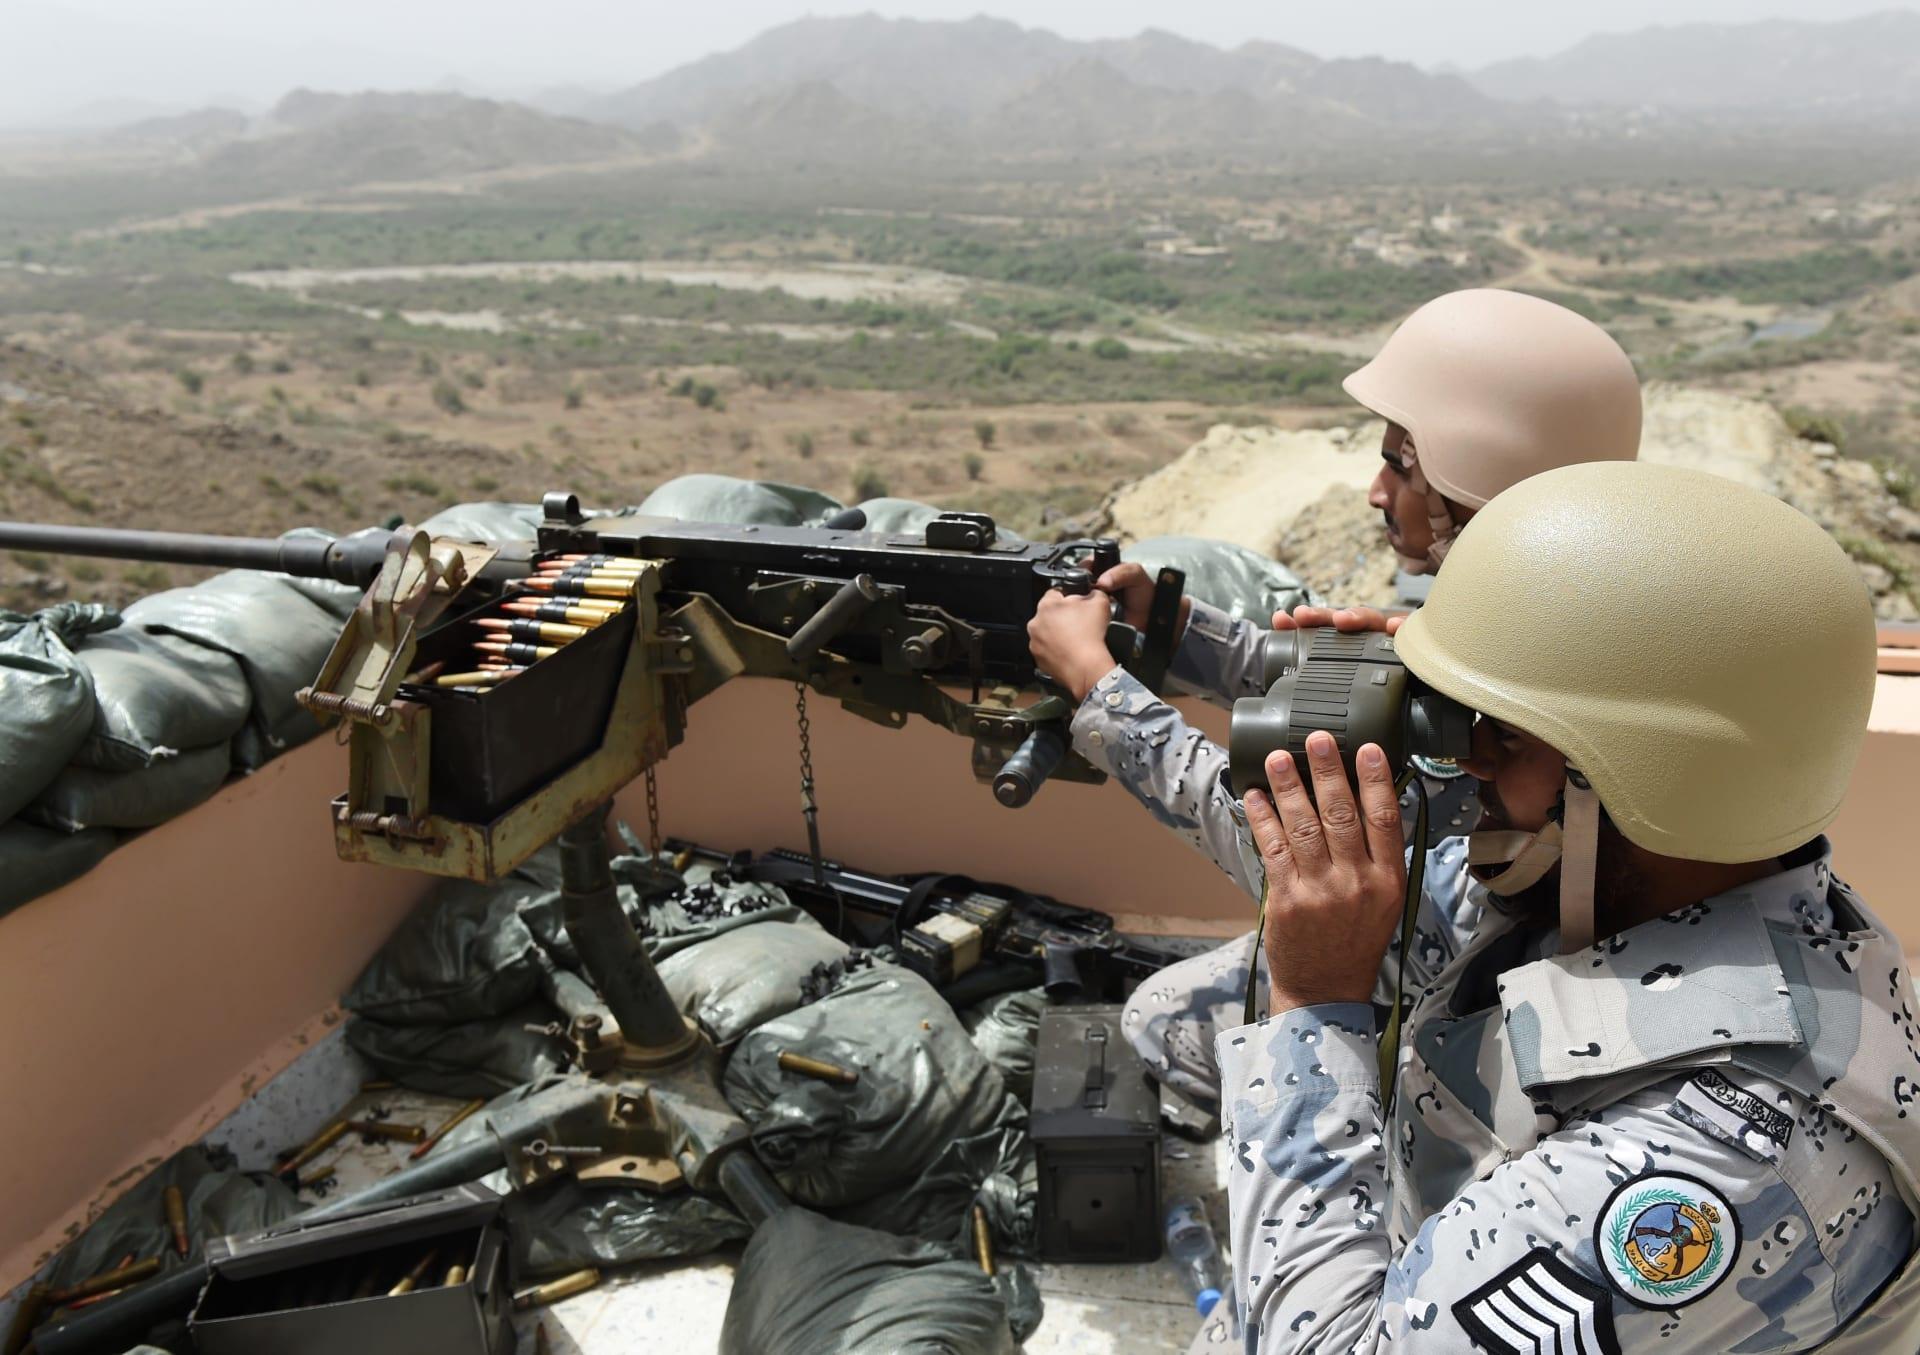 السعودية.. أمر ملكي بتكريم 342 ضابطًا و330 فردًا شاركوا بعاصفة الحزم